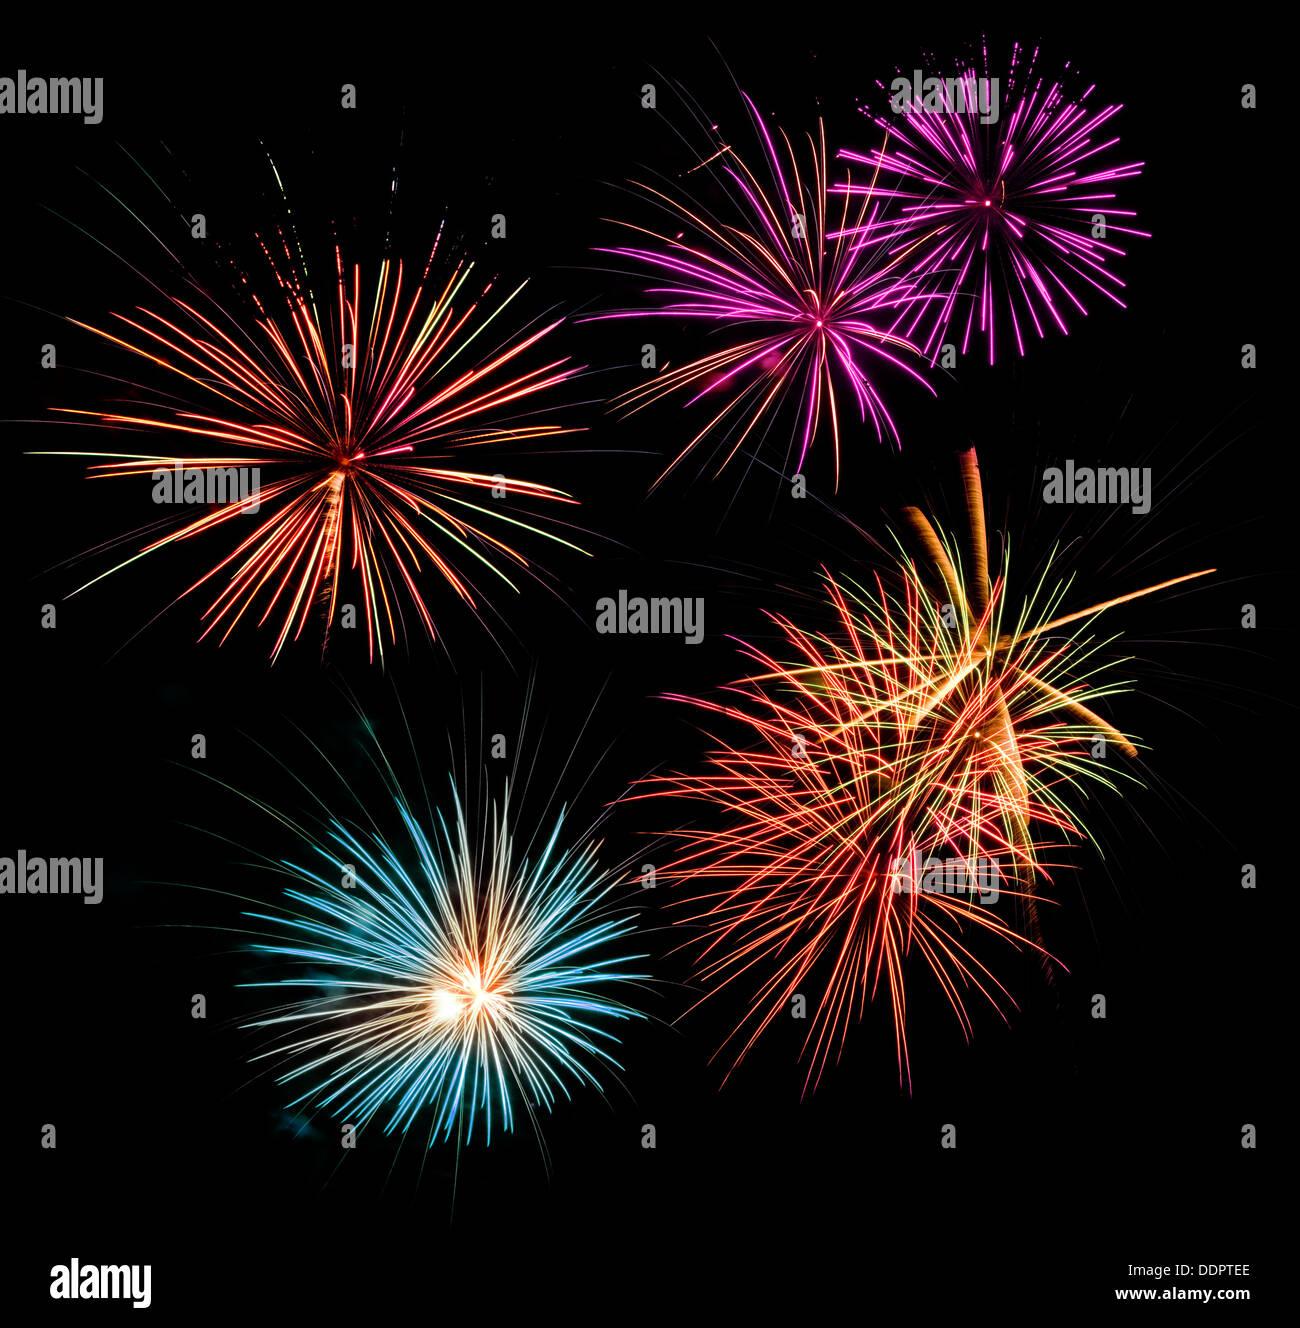 Buntes Feuerwerk in einem schwarzen Nachthimmel Stockfoto